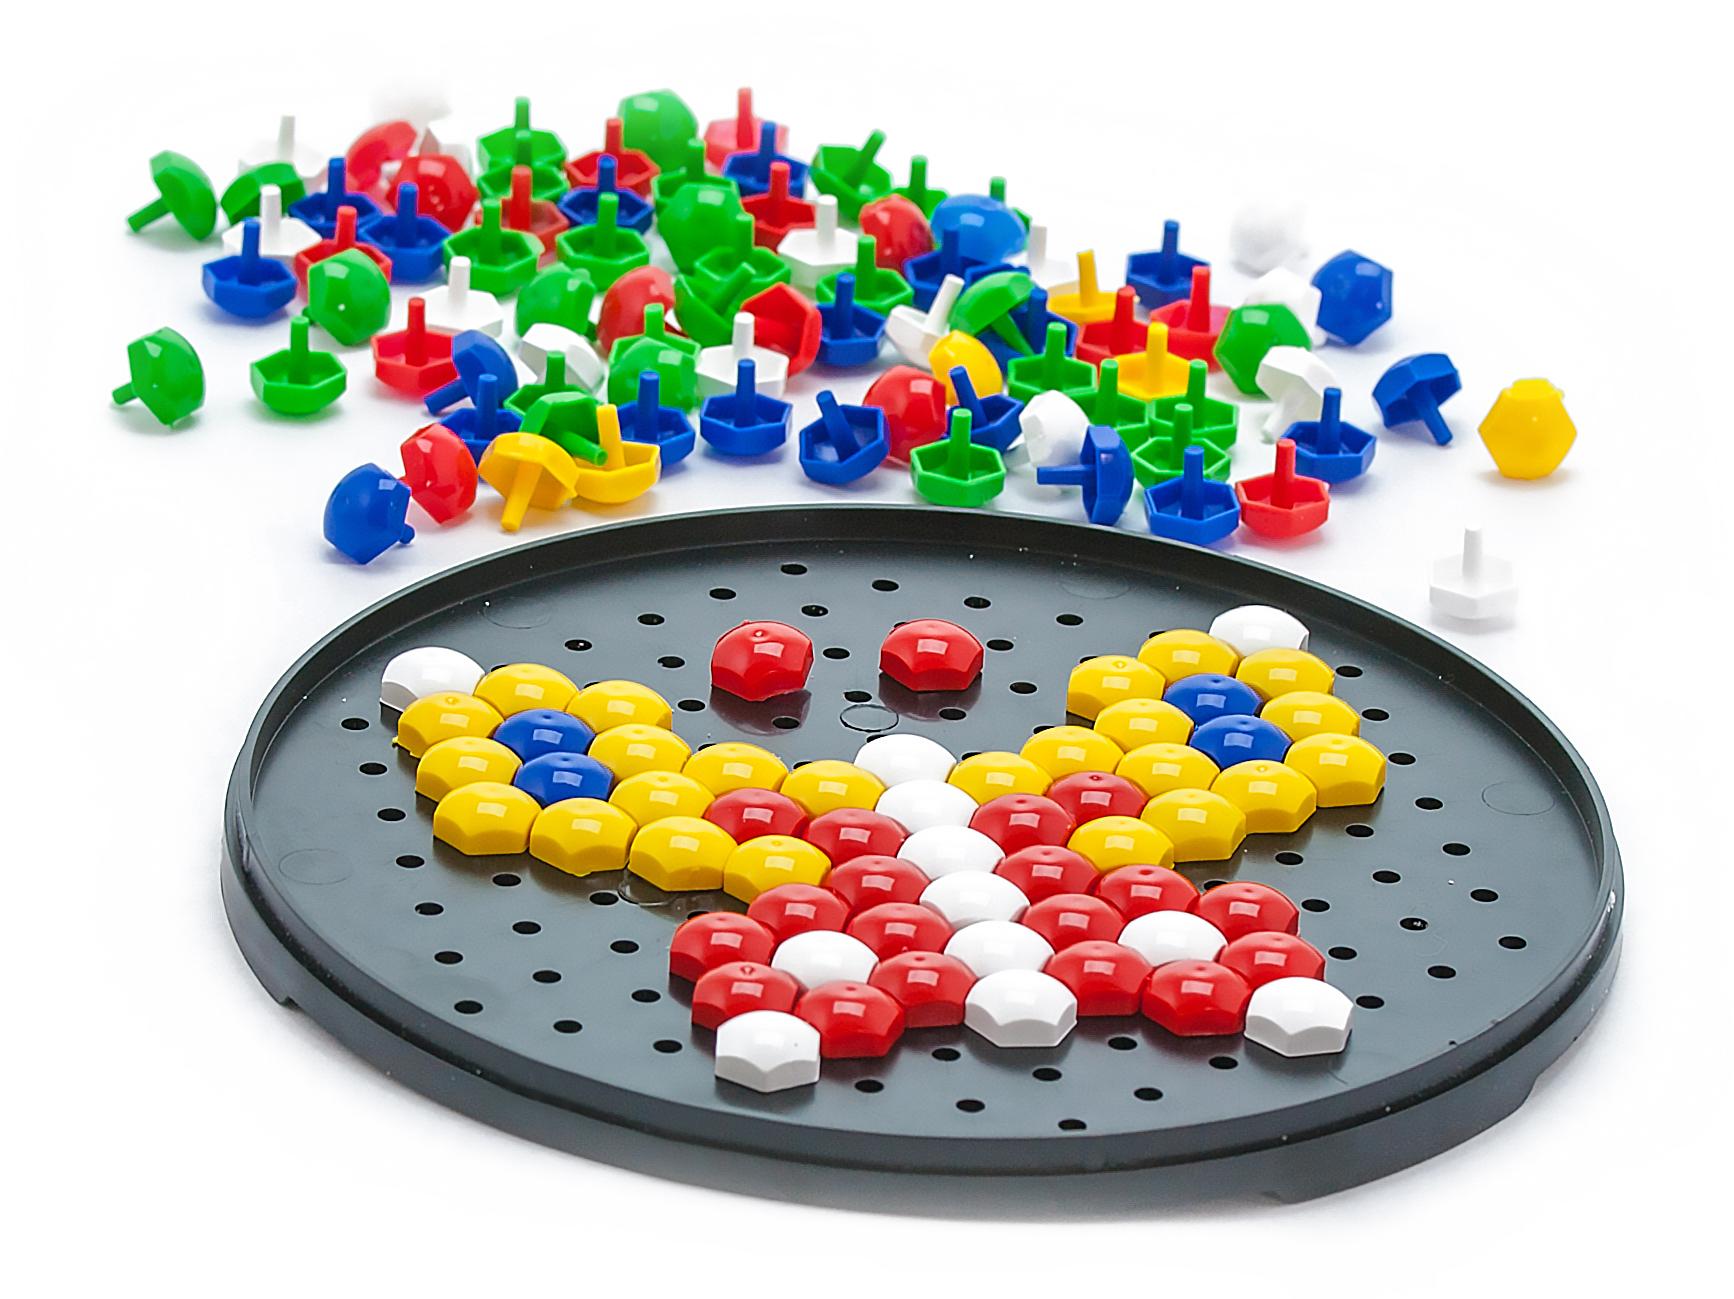 время специальная картинка для компьютерной игры мозаика обозначим